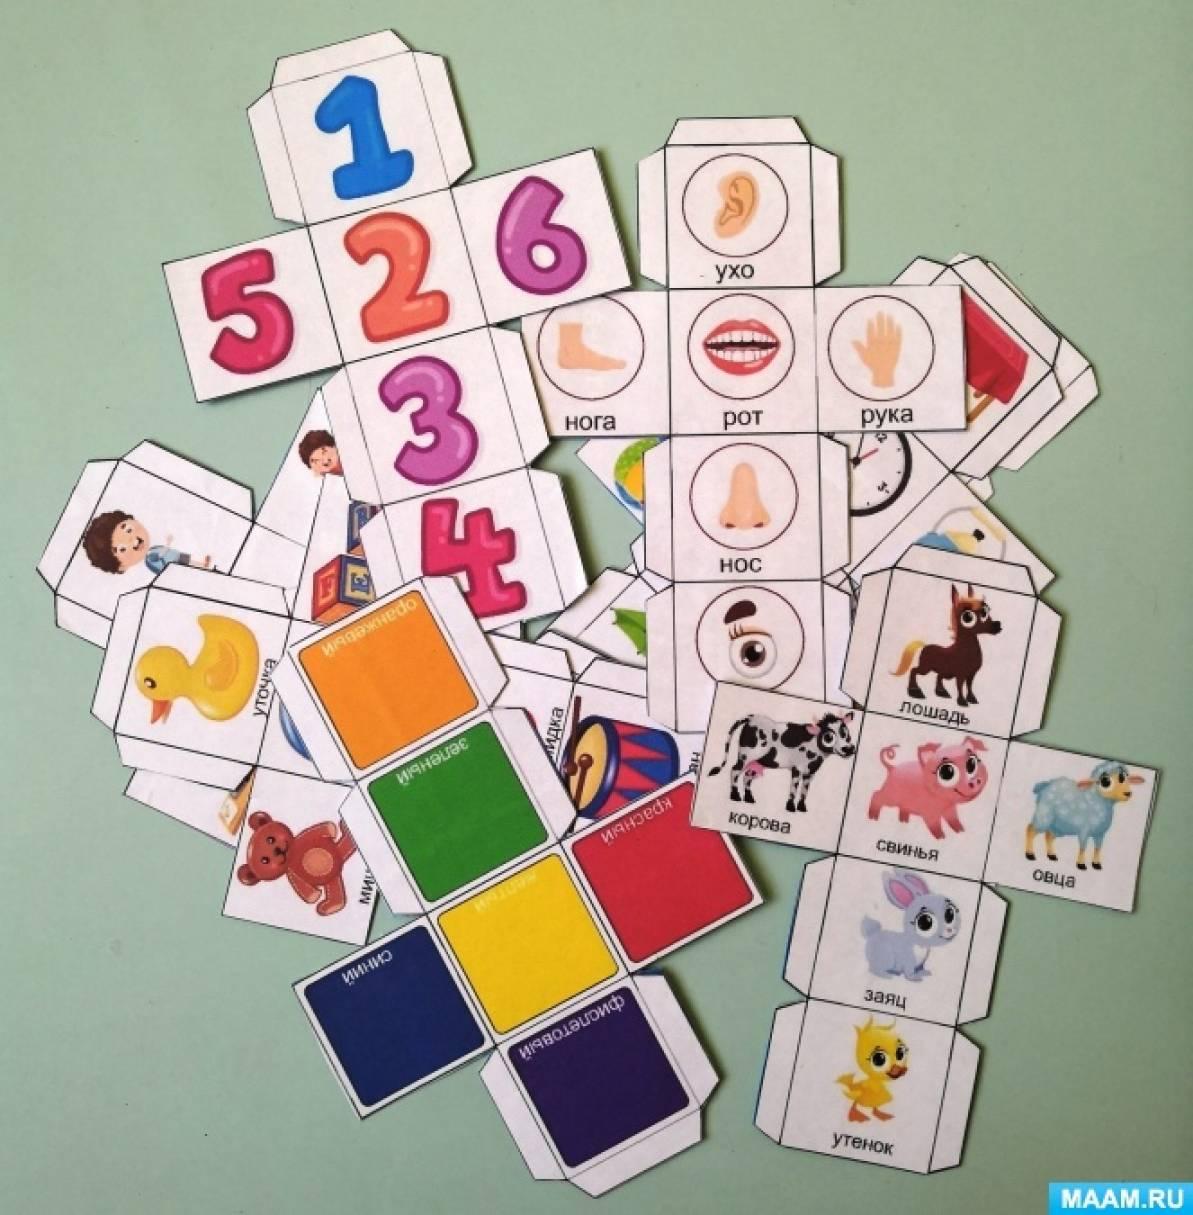 картофель картинки для кубика по развитию речи изначально